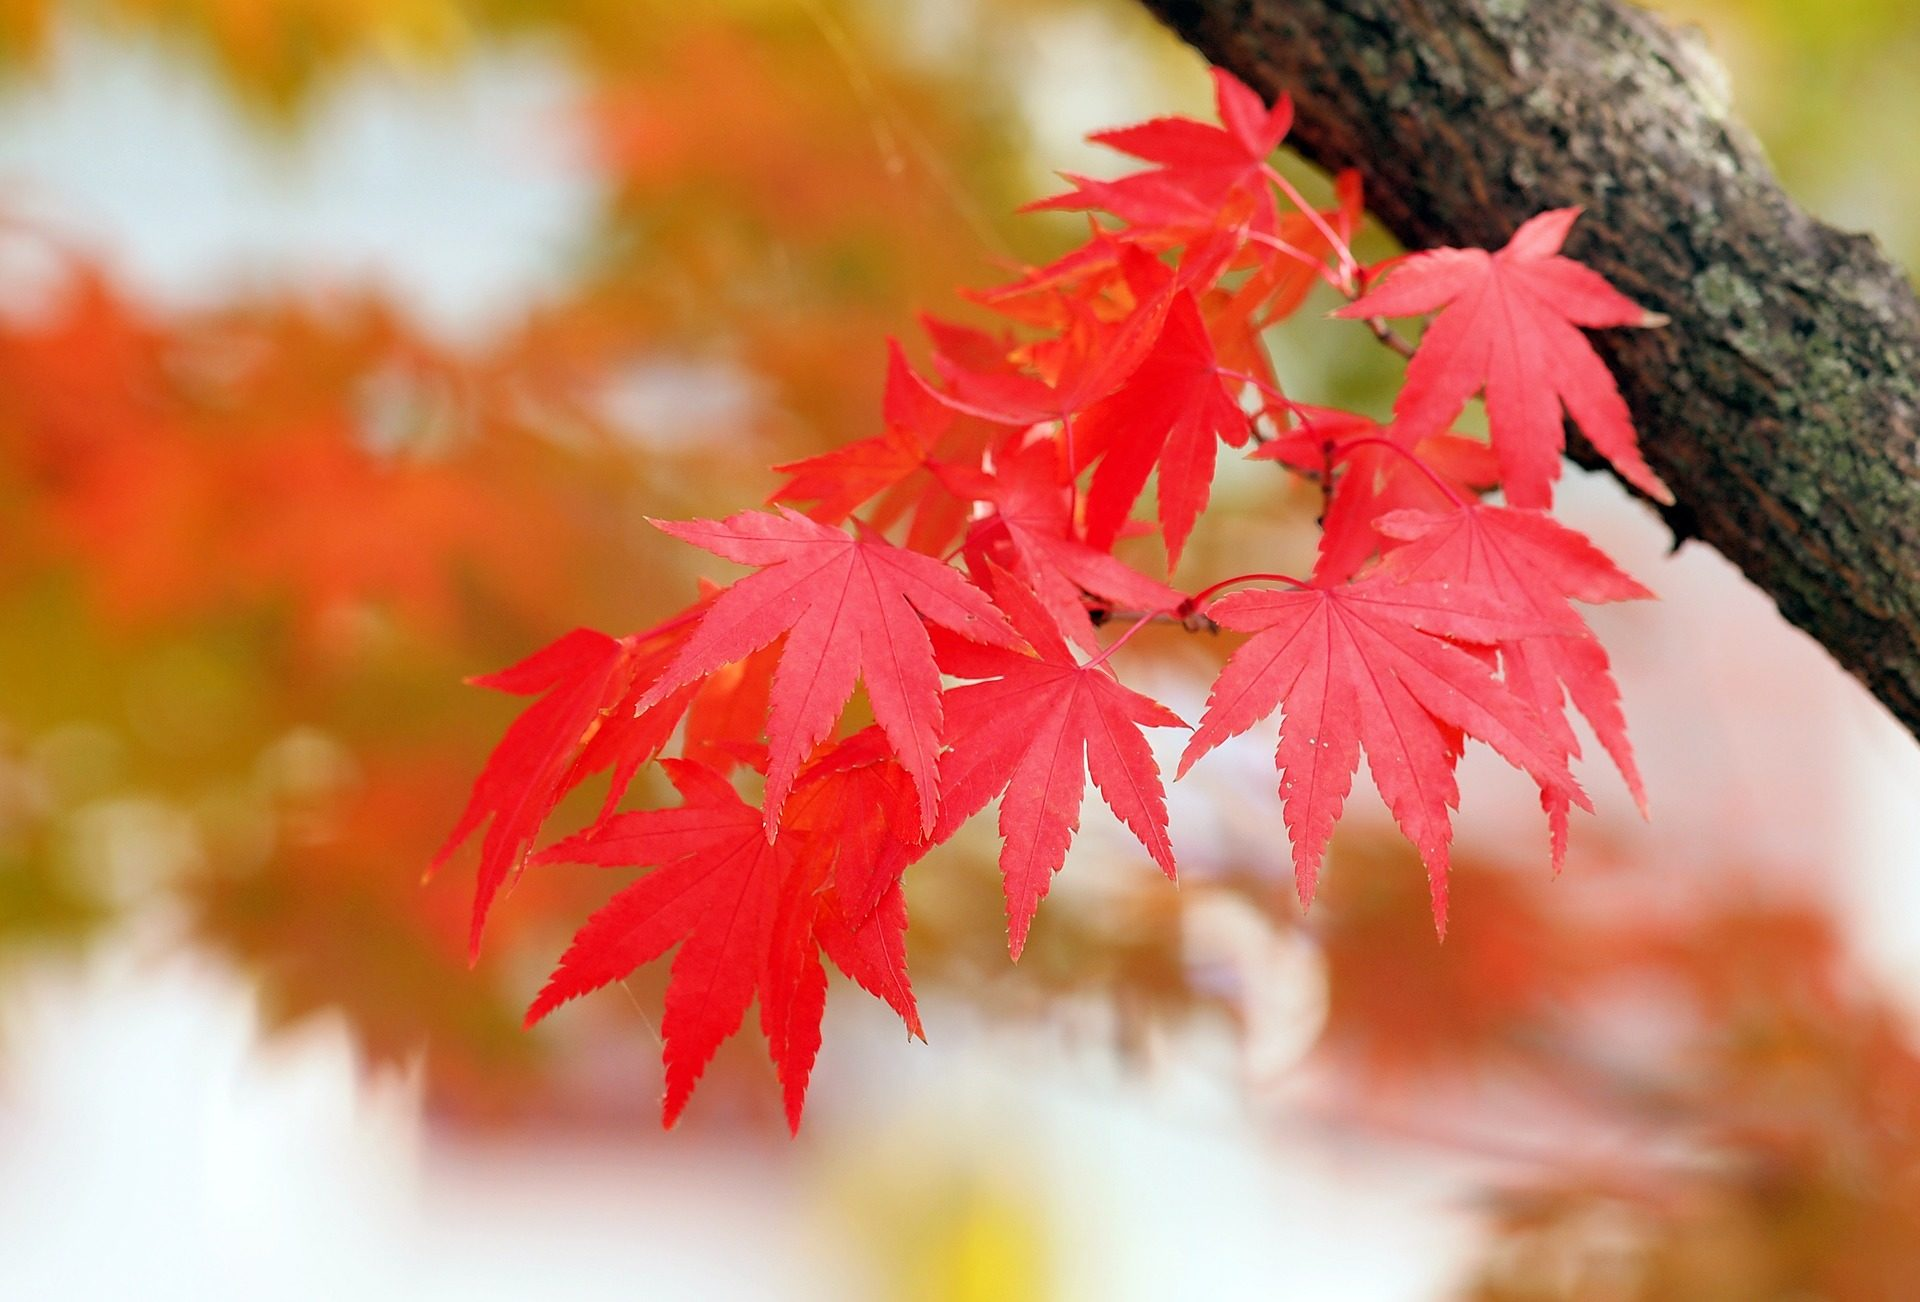 葉, ツリー, 赤, メープル, 秋 - HD の壁紙 - 教授-falken.com